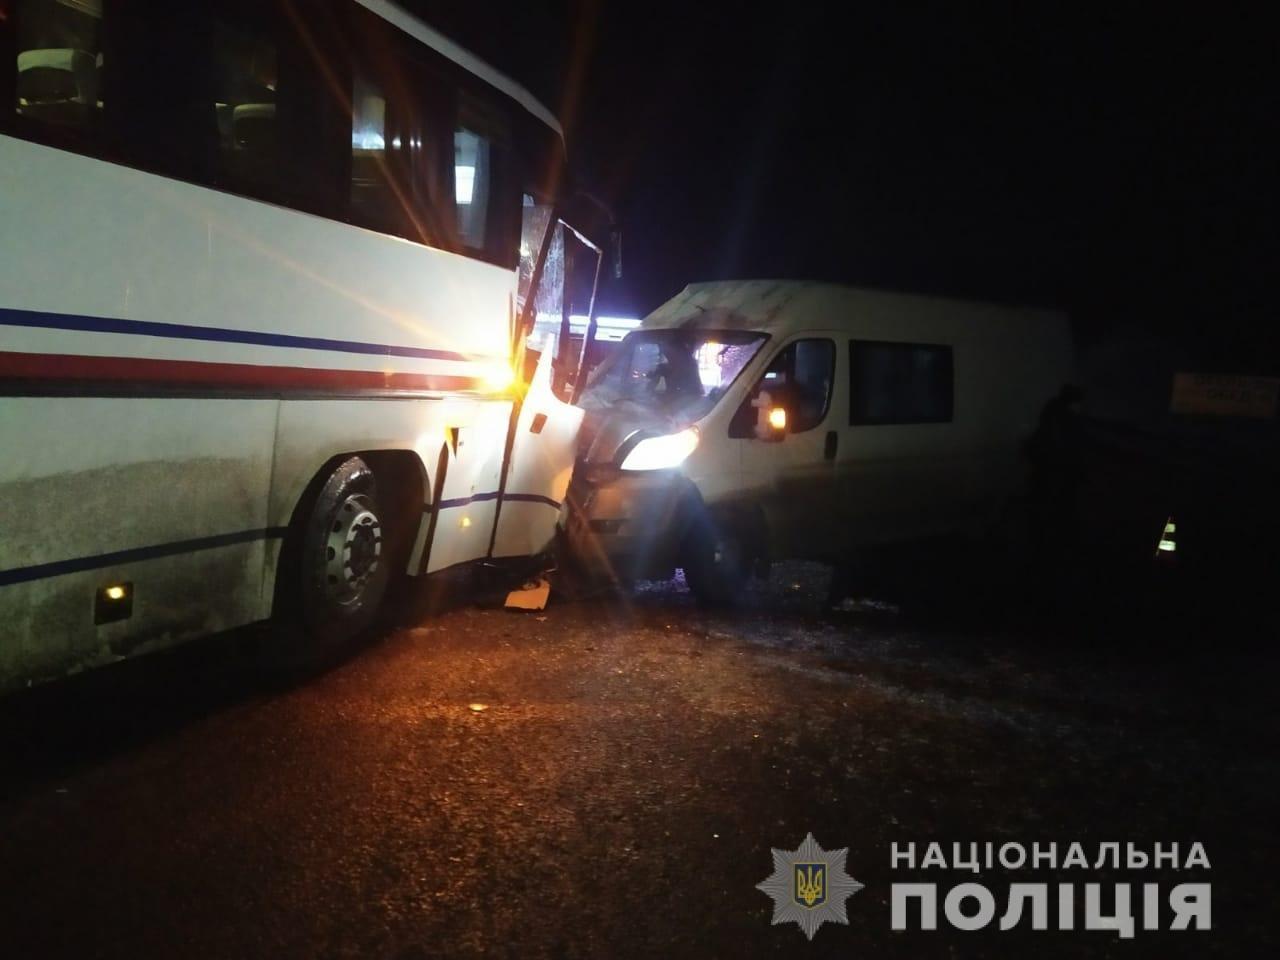 На Харьковщине микроавтобус «влетел» в рейсовый автобус: пять человек в больнице, - ФОТО, фото-1